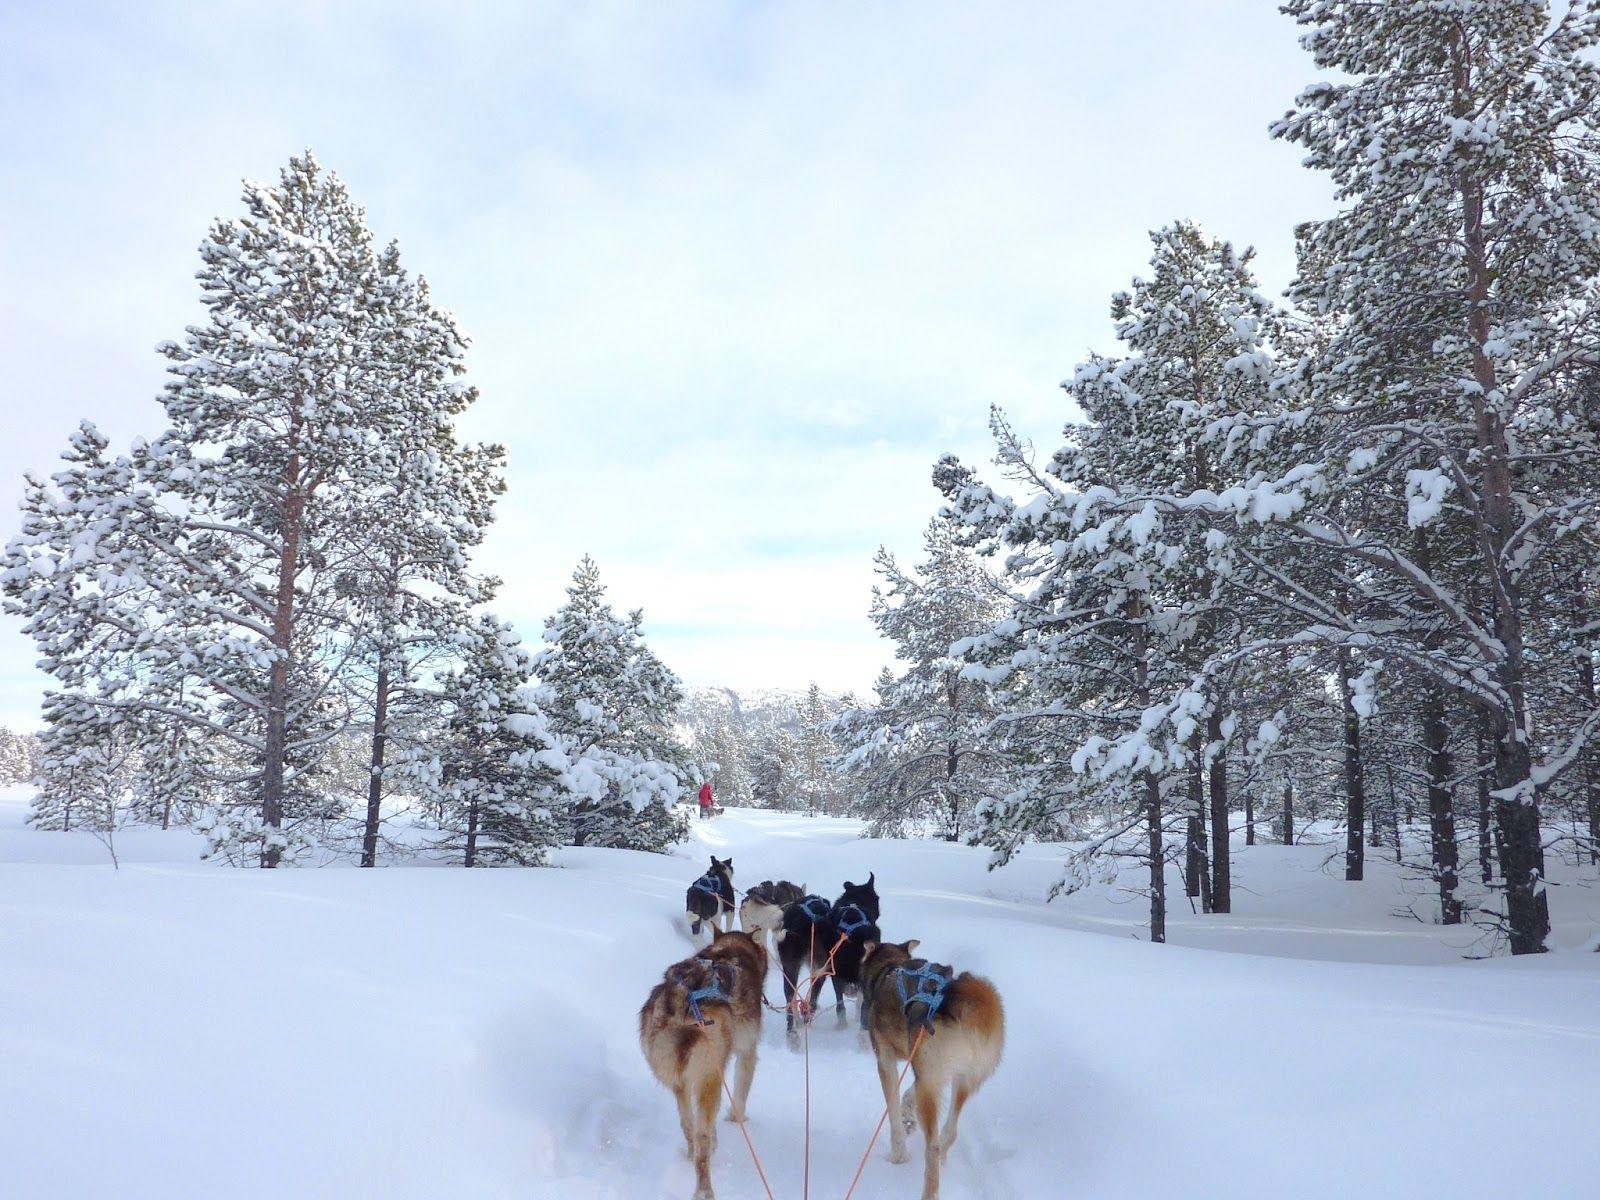 Huskey tocht, Engholm husky, husky, bergen, Noorwegen, sneeuw,